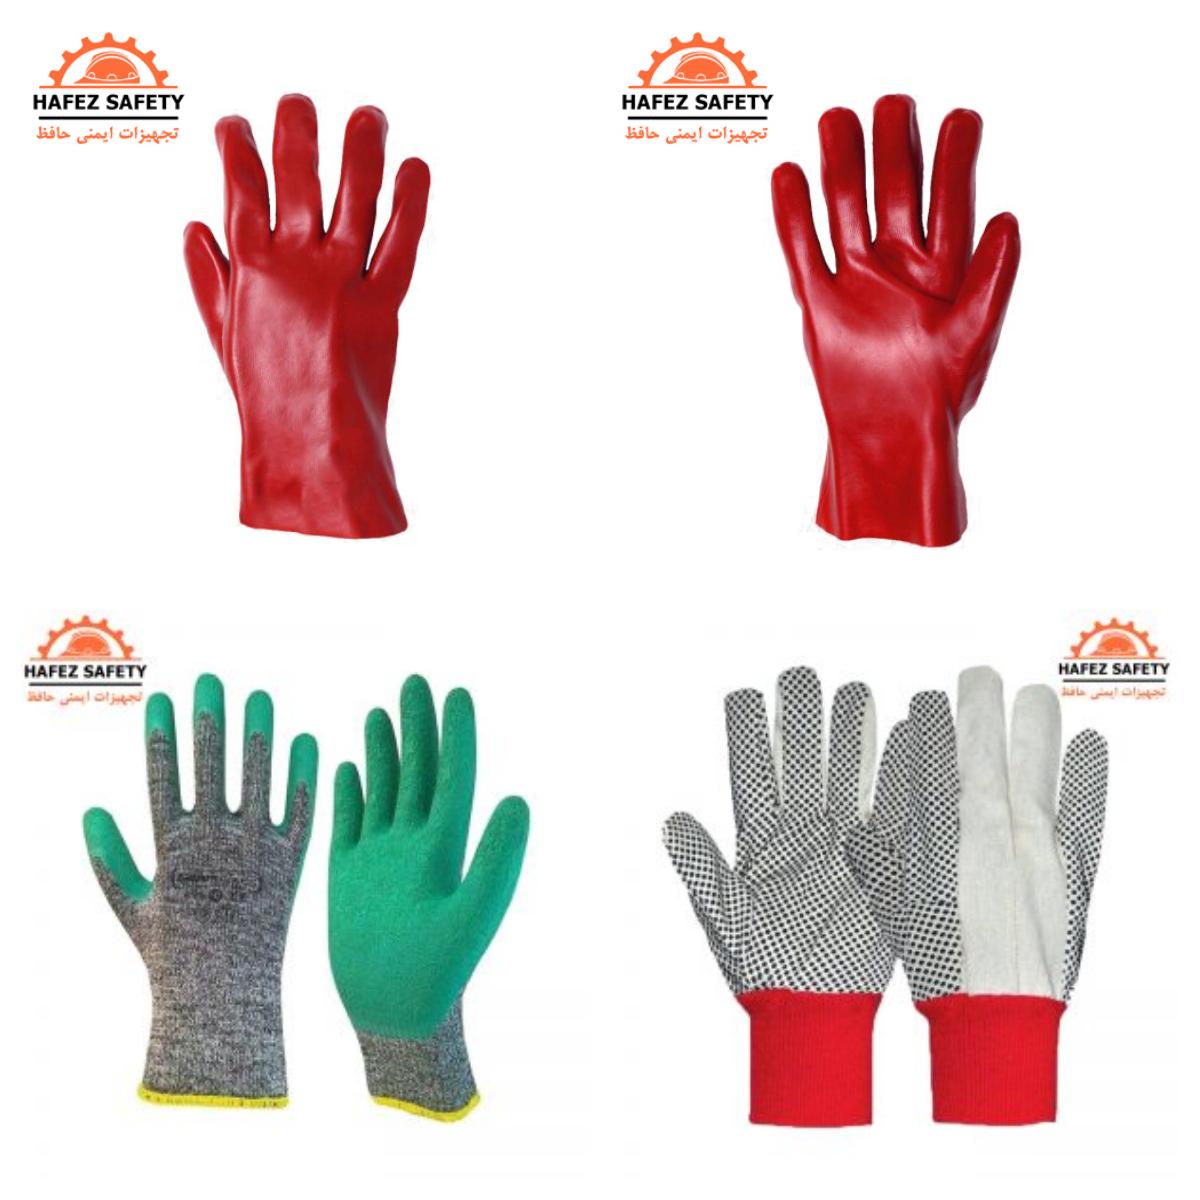 تهیه،تولید و فروش انواع دستکش